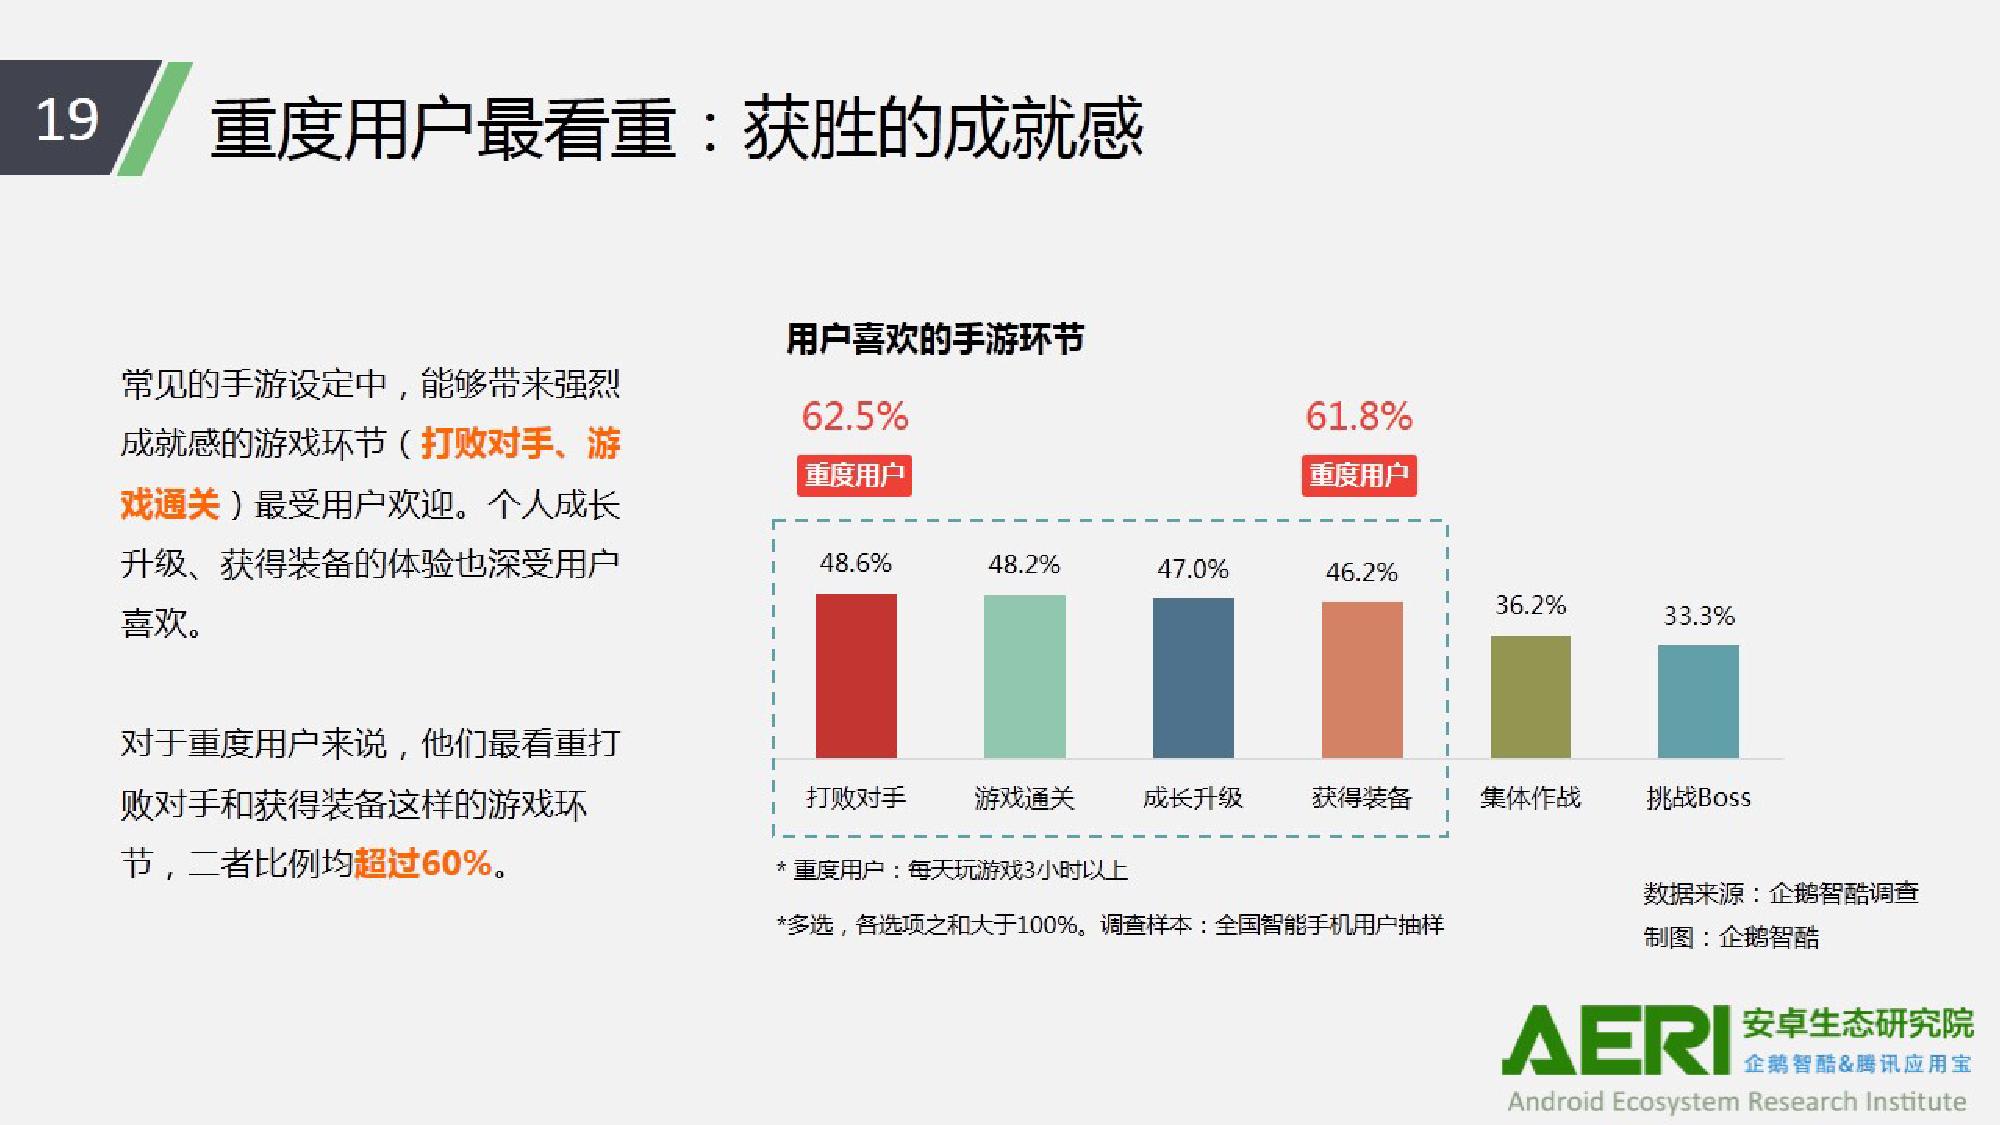 中国手游行业2016大数据报告_000020